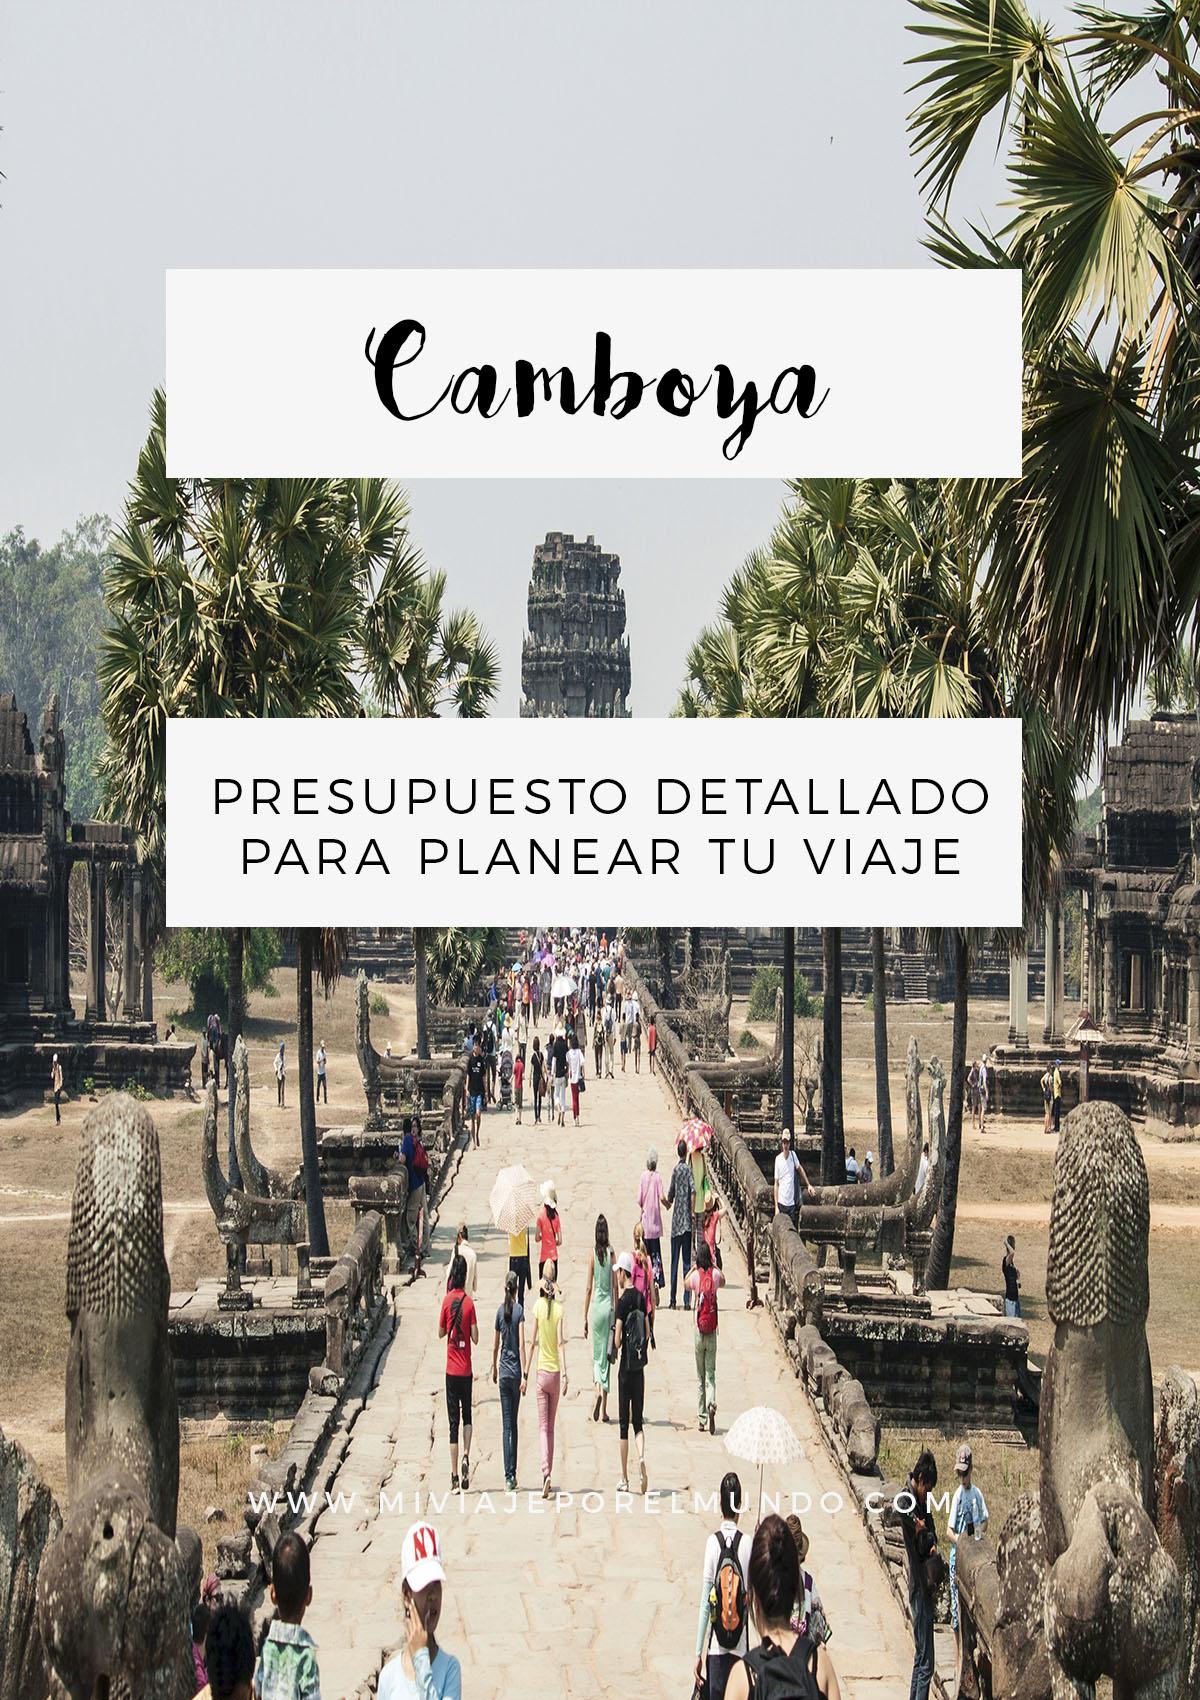 Cuánto cuesta viajar a Camboya